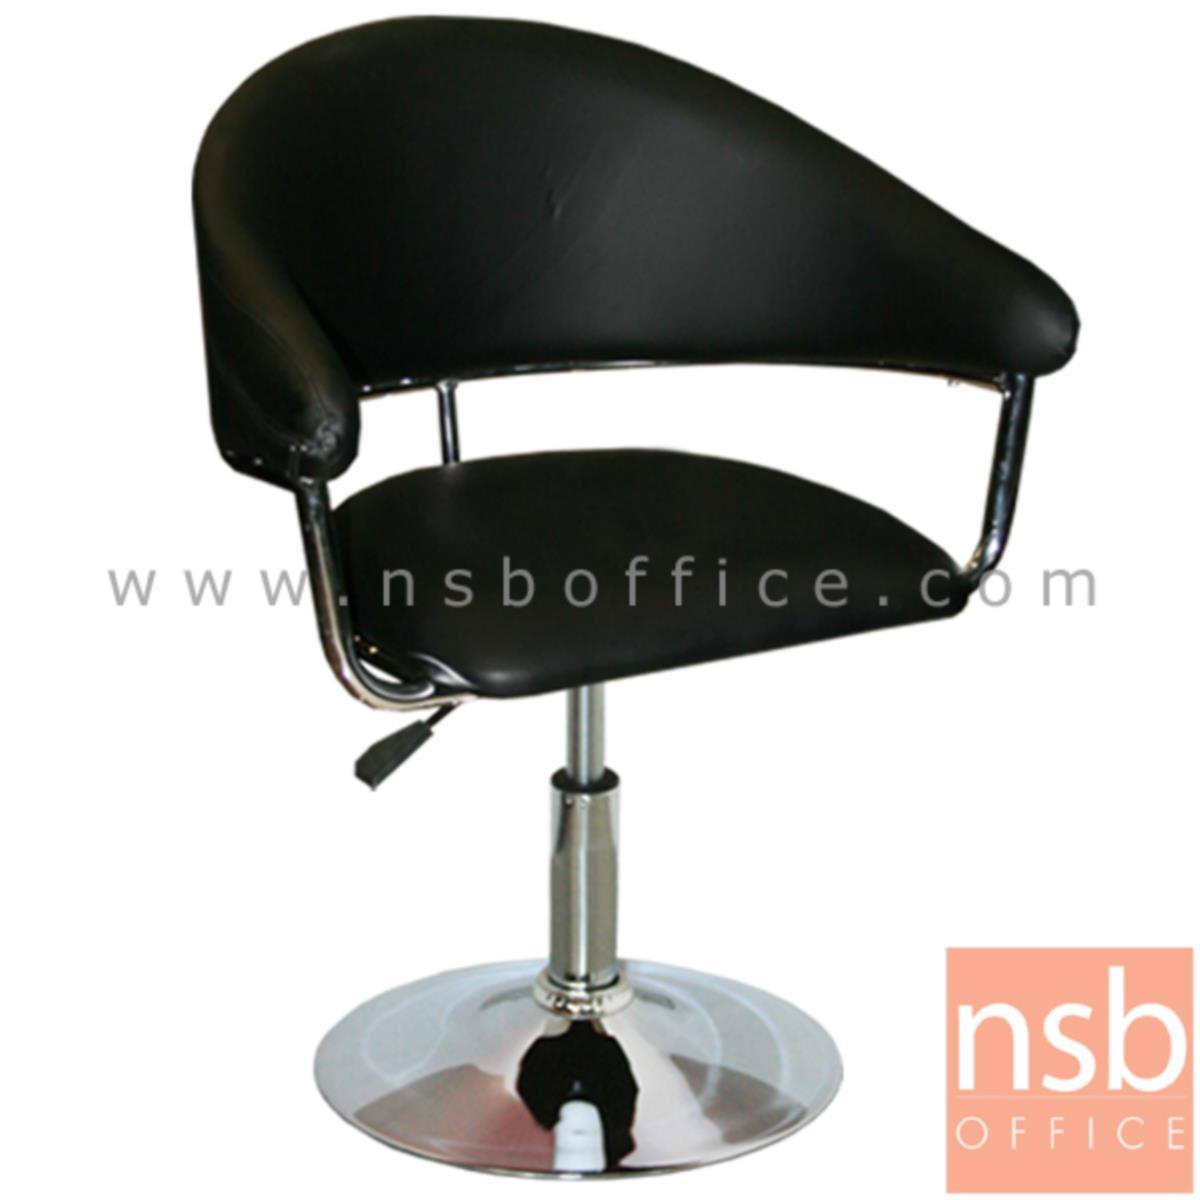 B22A043:เก้าอี้ตัวเดี่ยวหนังเทียม  รุ่น Iron Maiden (ไอเอิร์นเมเดน) ขนาด 69W cm. โช๊คแก๊ส โครงเหล็กชุบโครเมี่ยม